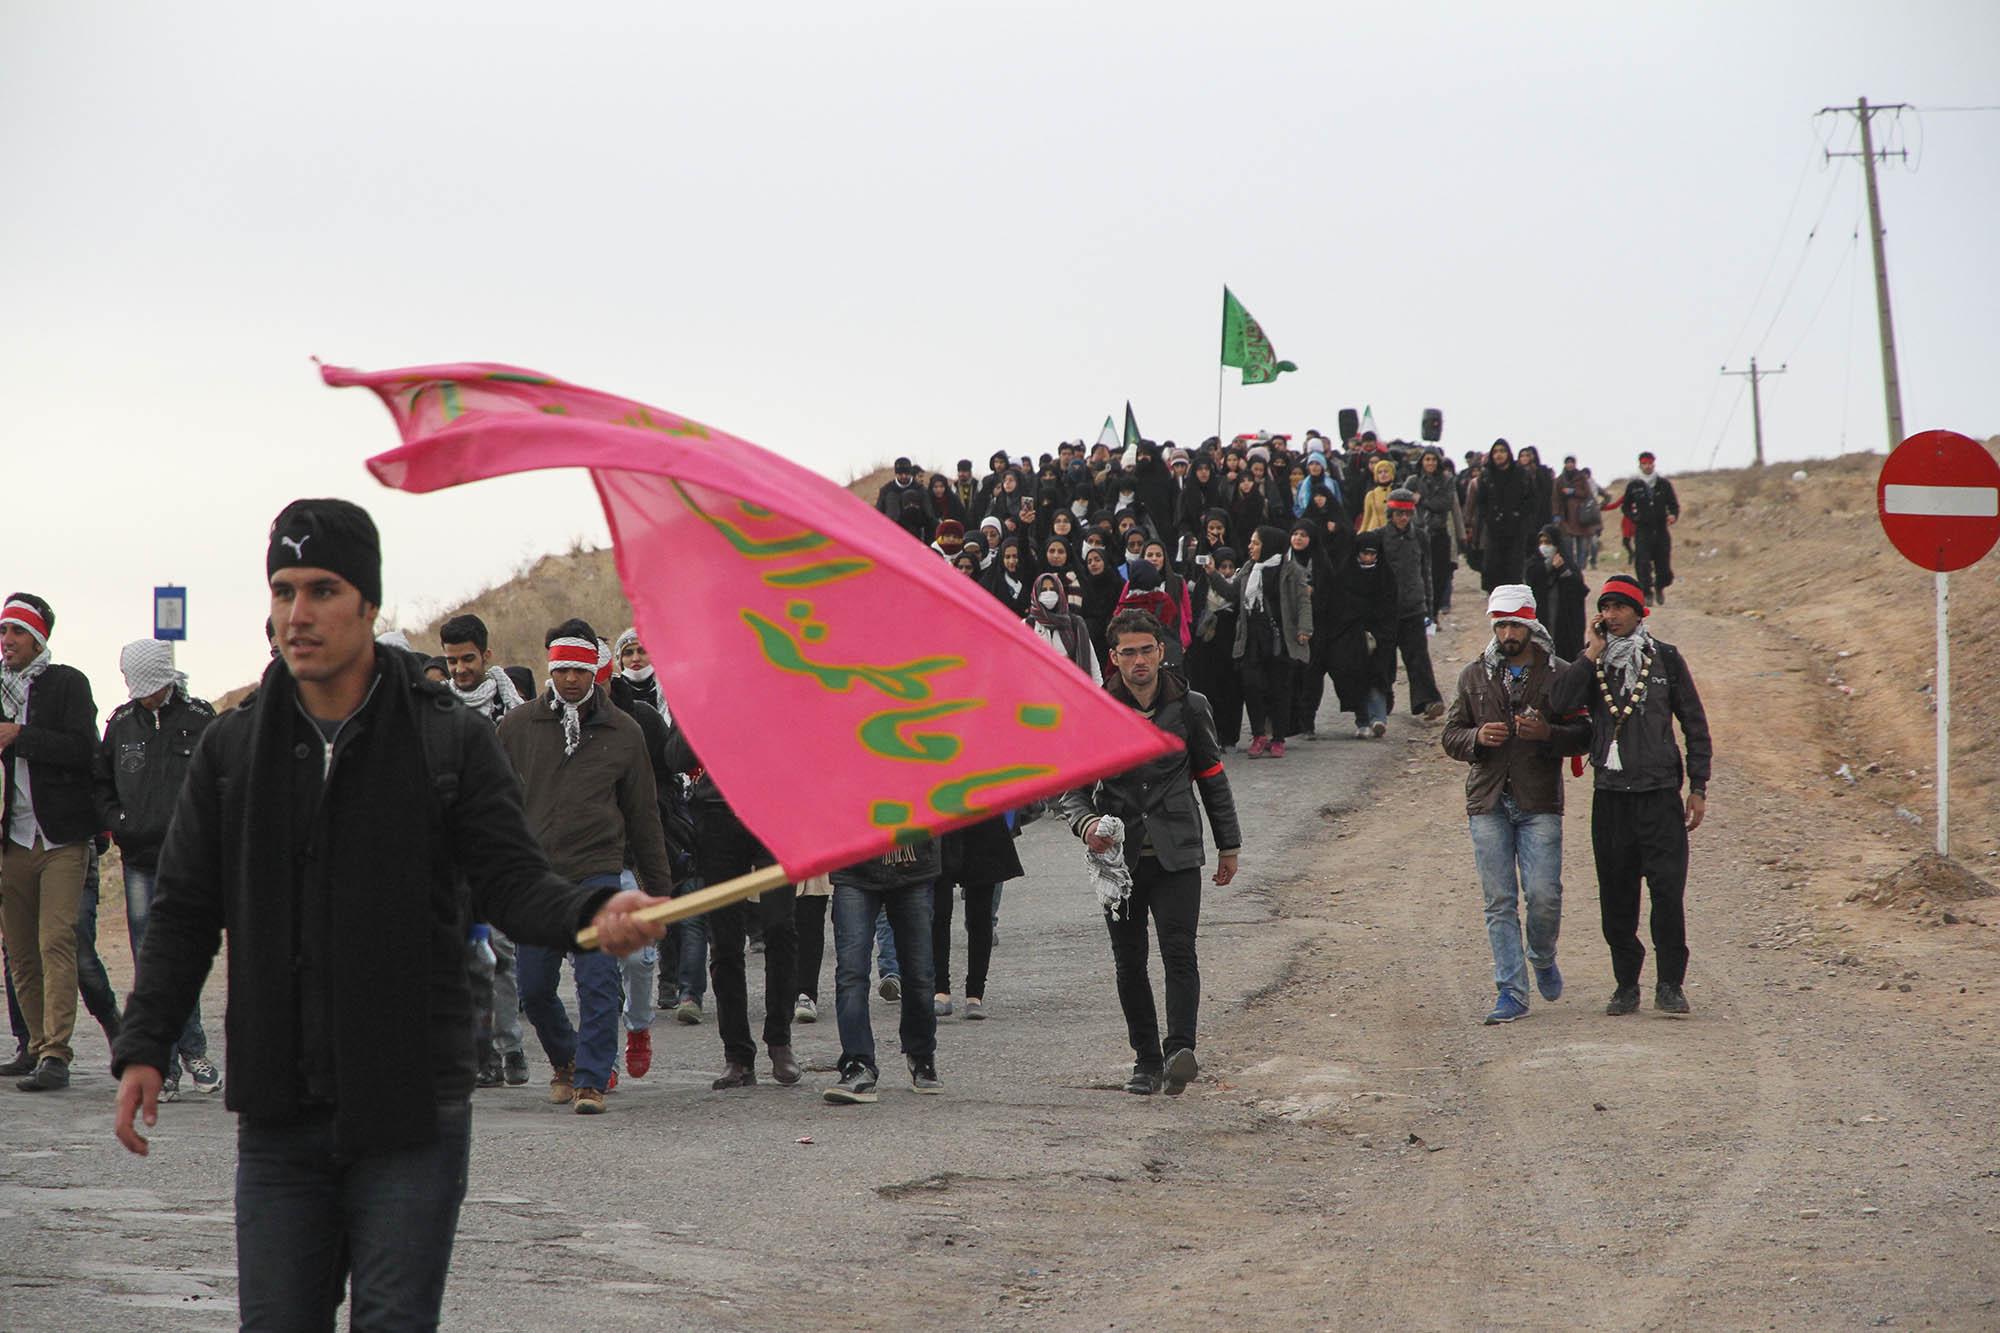 حضور بیش از 1500 دانشجو در پیادهروی مشهدالرضا(ع)